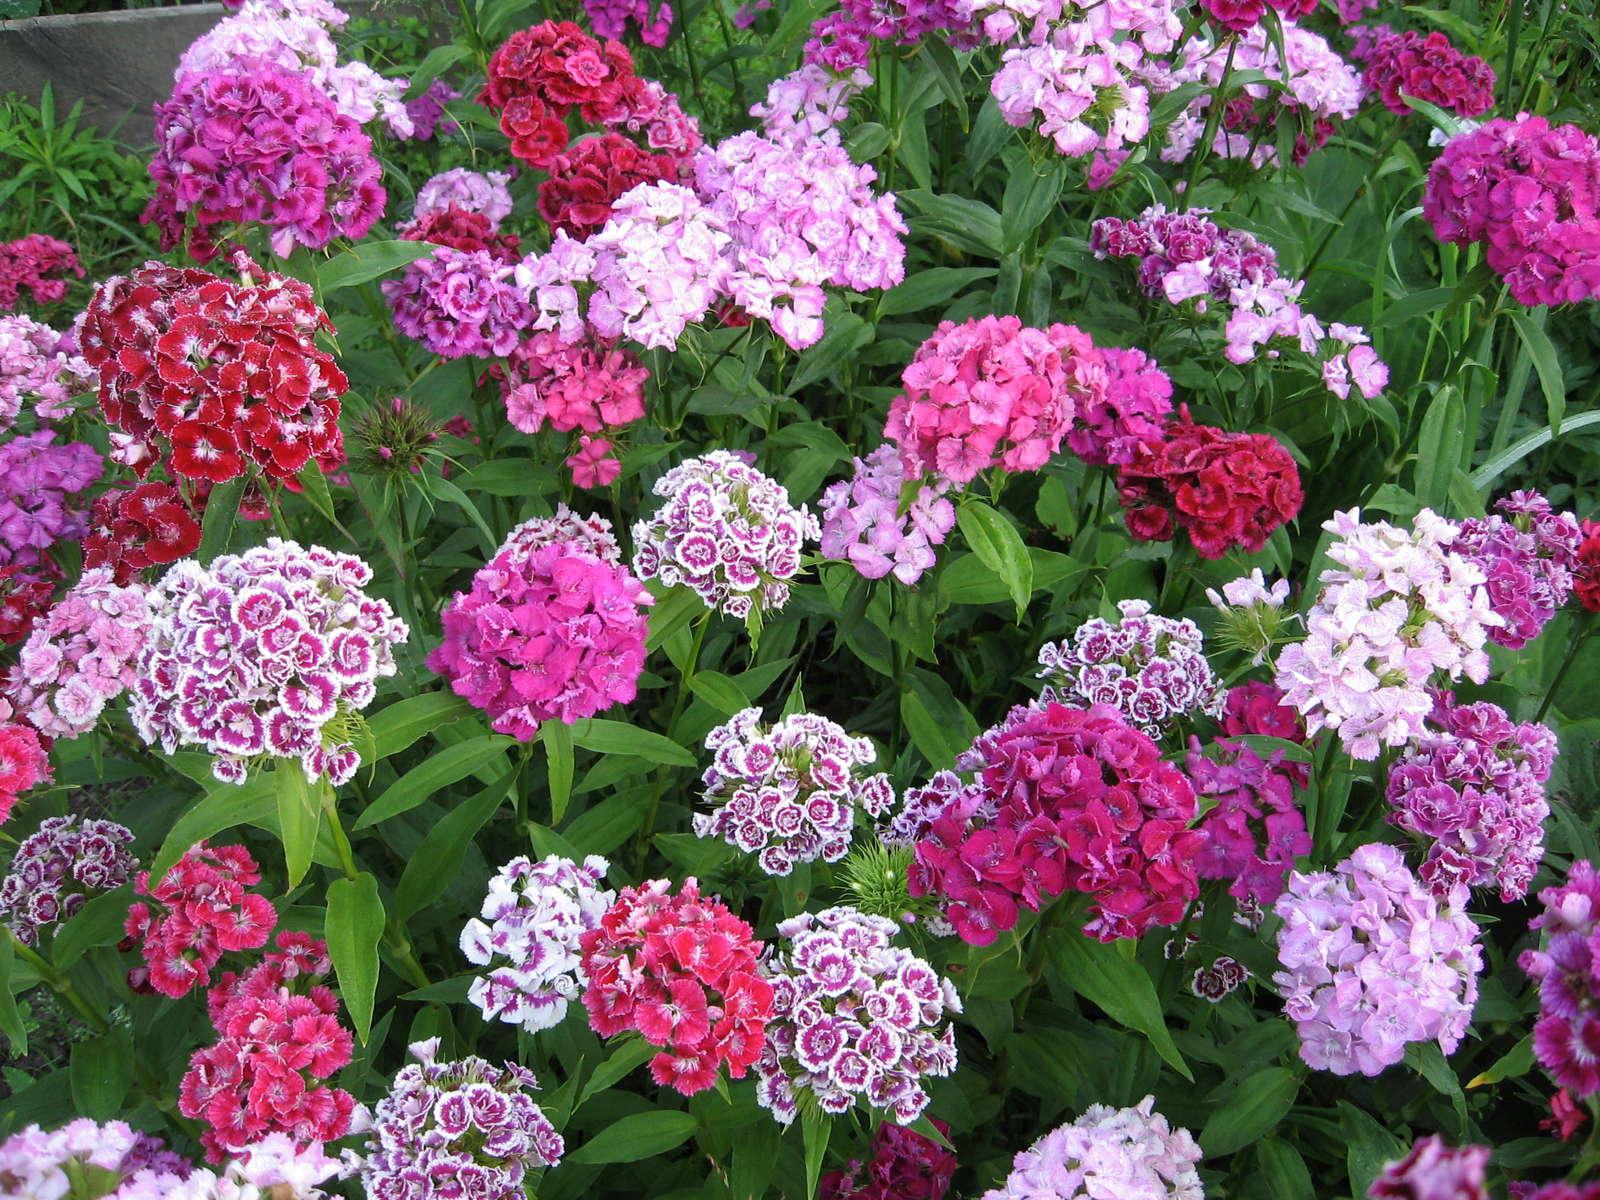 Prächtig Schneckenresistente Pflanzen: Blumen, Stauden & Gemüse - Plantura &WA_79